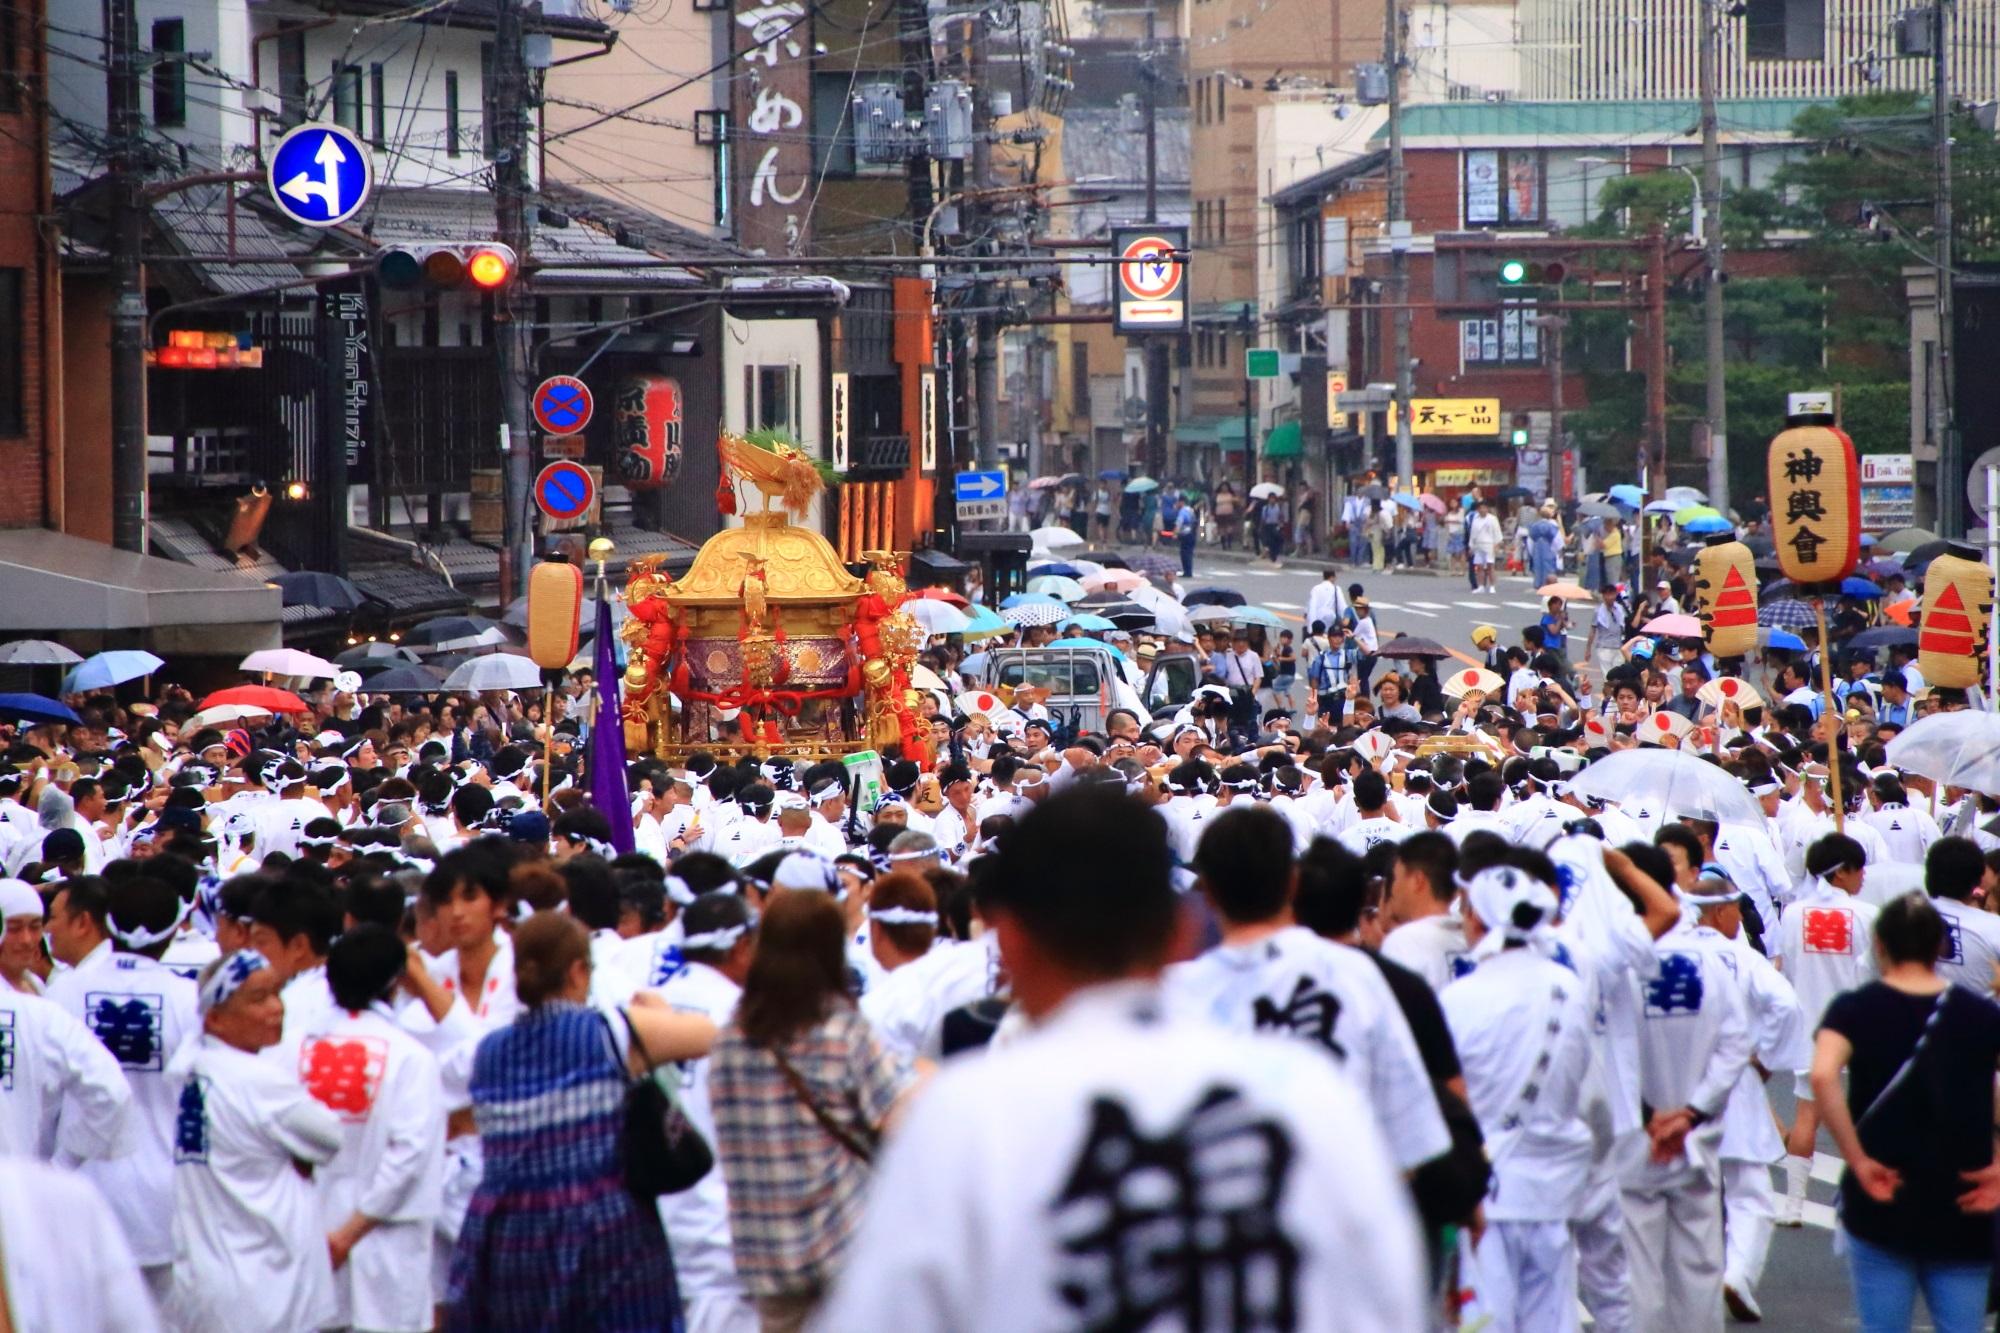 日本三大祭 神輿渡御 祇園祭